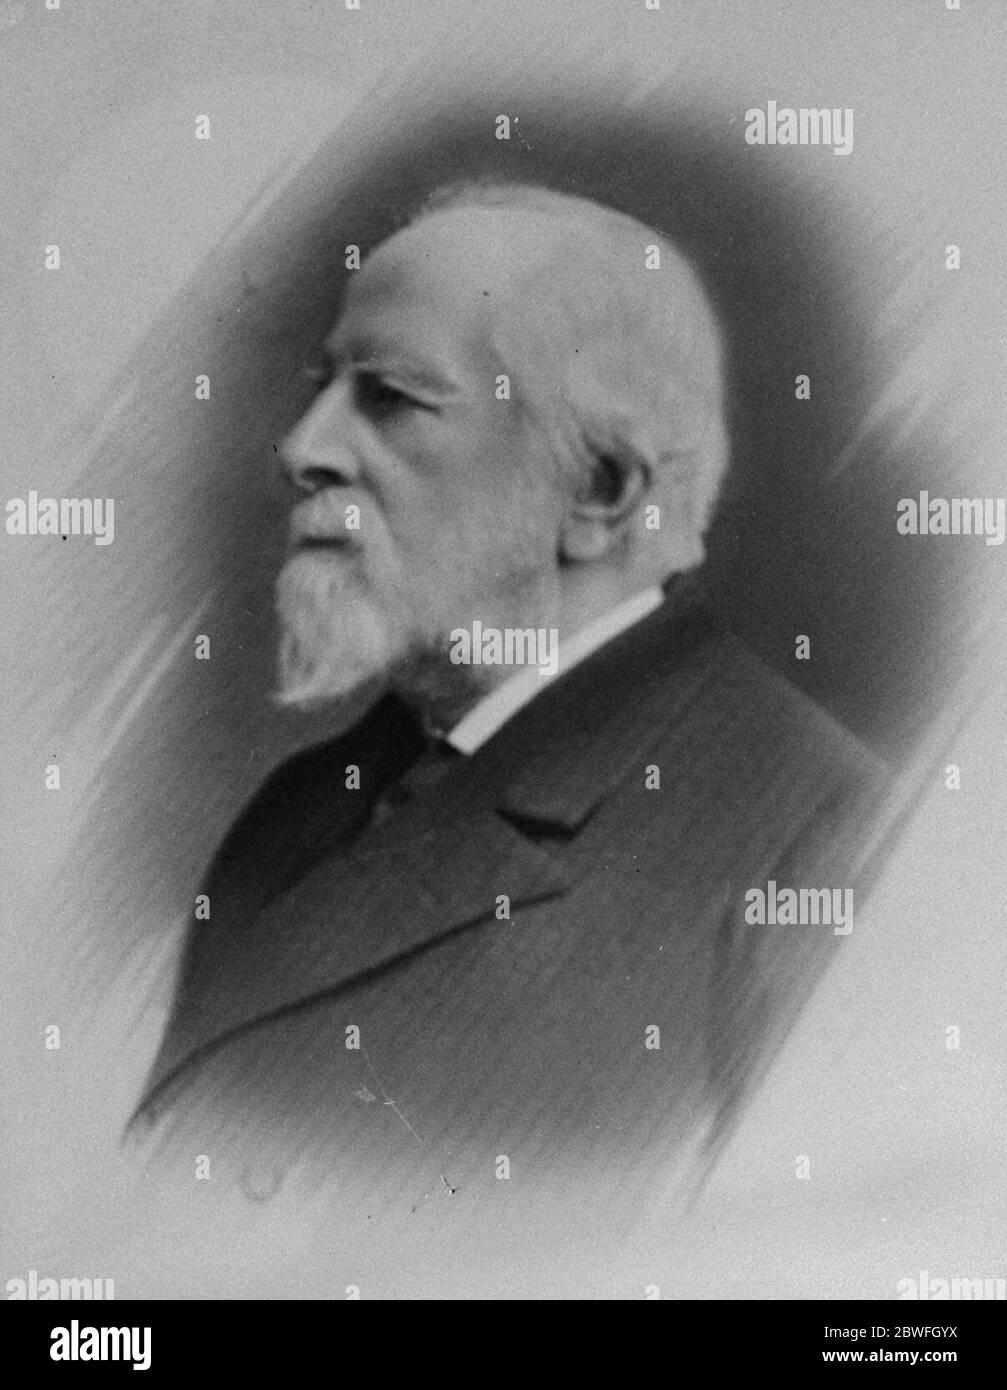 Un Centenarien du Mayfair Sir John Gardner Engleheart a célébré son anniversaire de 100 le 2 février par un dîner en famille dans sa résidence de Londres . 28, rue Curzon Mayfair . Sir John a été instruit au rugby sous le célèbre Dr Arnol qui a révolutionné le système scolaire public anglais , et comme Tom Brown a voyagé à l'école sur un entraîneur de scène . Il accompagne le roi Edward comme prince de Galles lors de sa visite au Canada et aux États-Unis en 1860 et devient, en 1872, greffier du conseil du duché de Lancaster dont il a été membre de 1901 à 1912, lorsqu'il a pris sa retraite le 1er février 1923 Banque D'Images